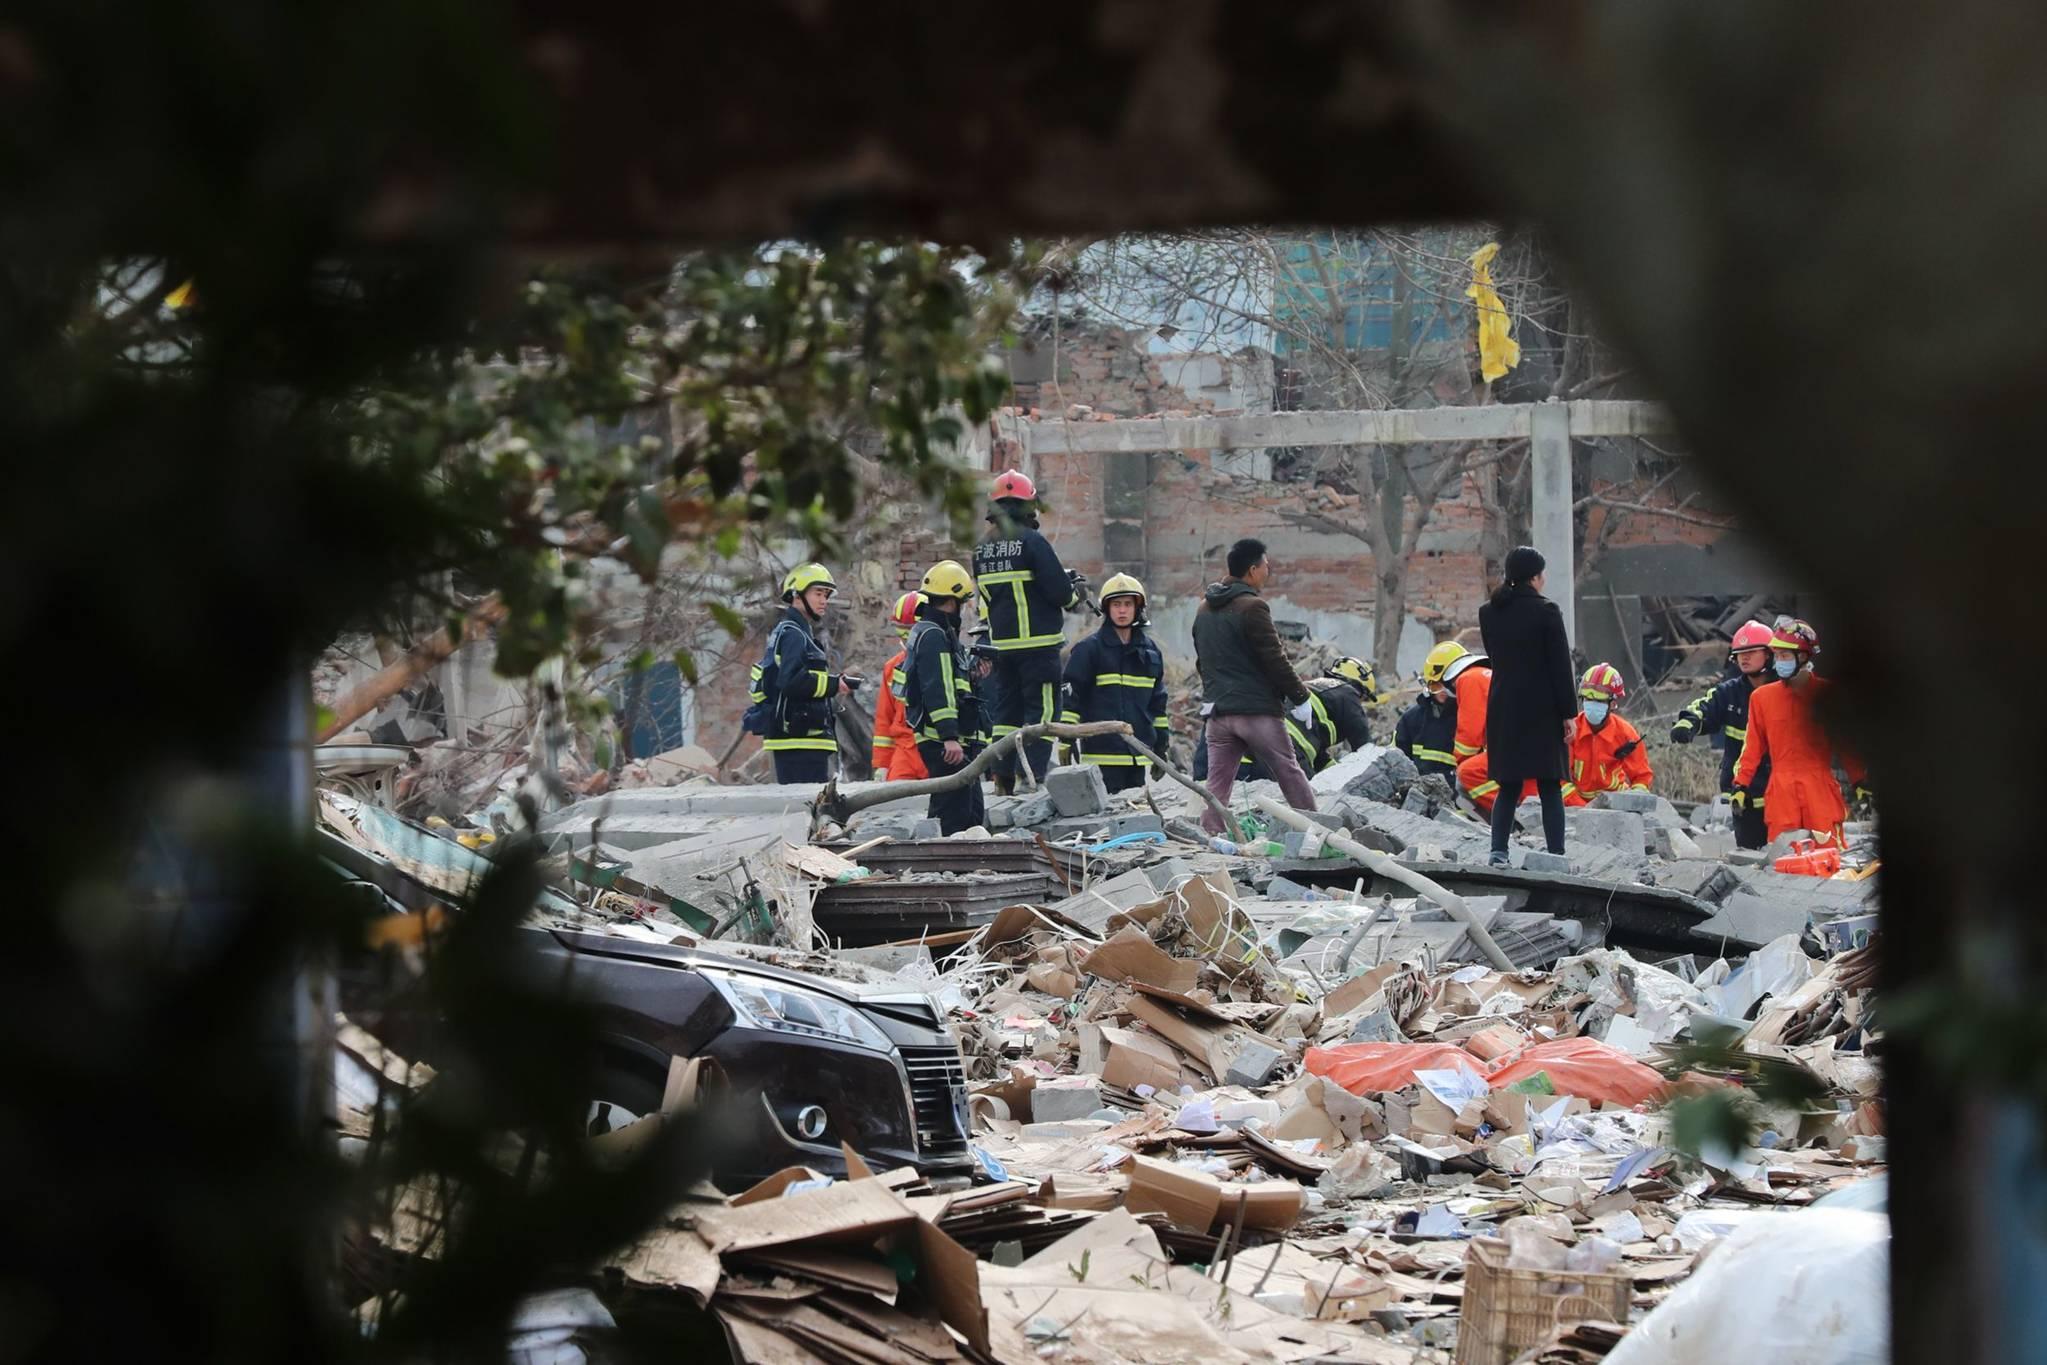 26일 중국 동부 저장성 닝보에서 발생한 폭발사고 현장에서 소방대원들이 사고 피해자를 찾고 있다.[AFP=연합뉴스]